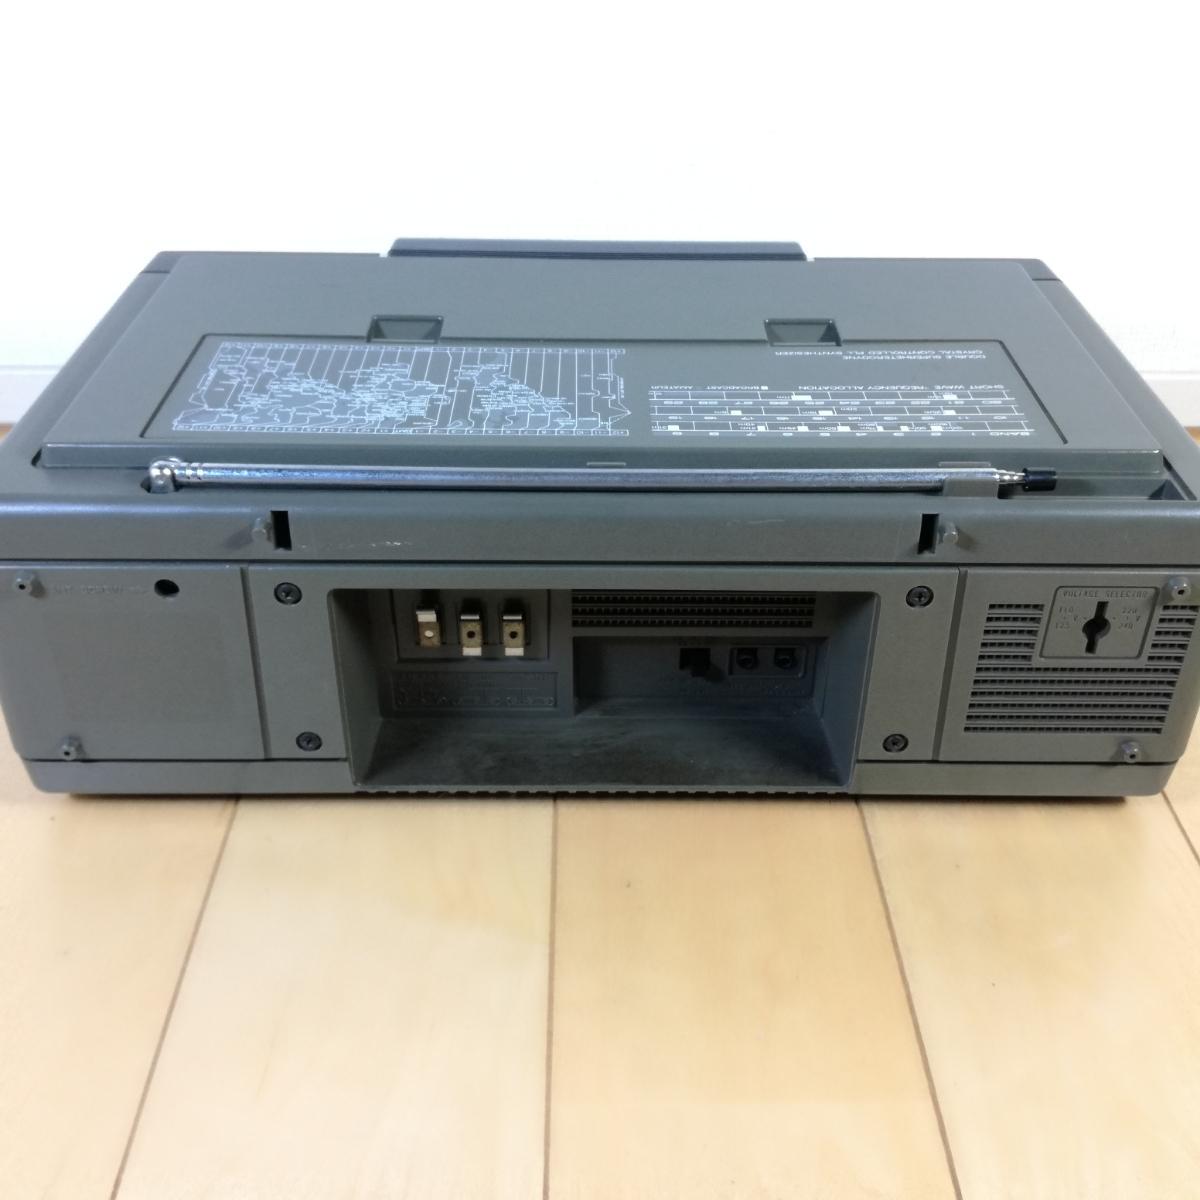 美品!! 動作確認済!! National Panasonic FM-MW-SW 31バンドレシーバー RF-3100 アンティークラジオ _画像8